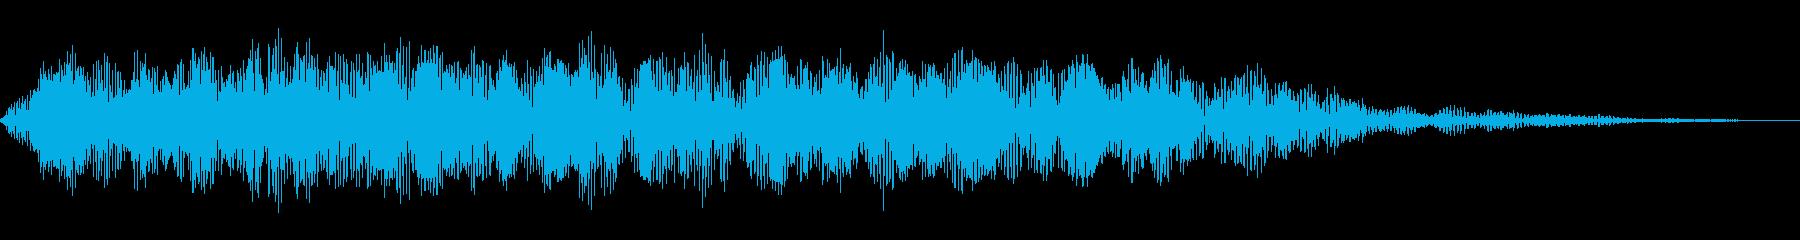 ロシアンルーレット、ドローンワーブ...の再生済みの波形